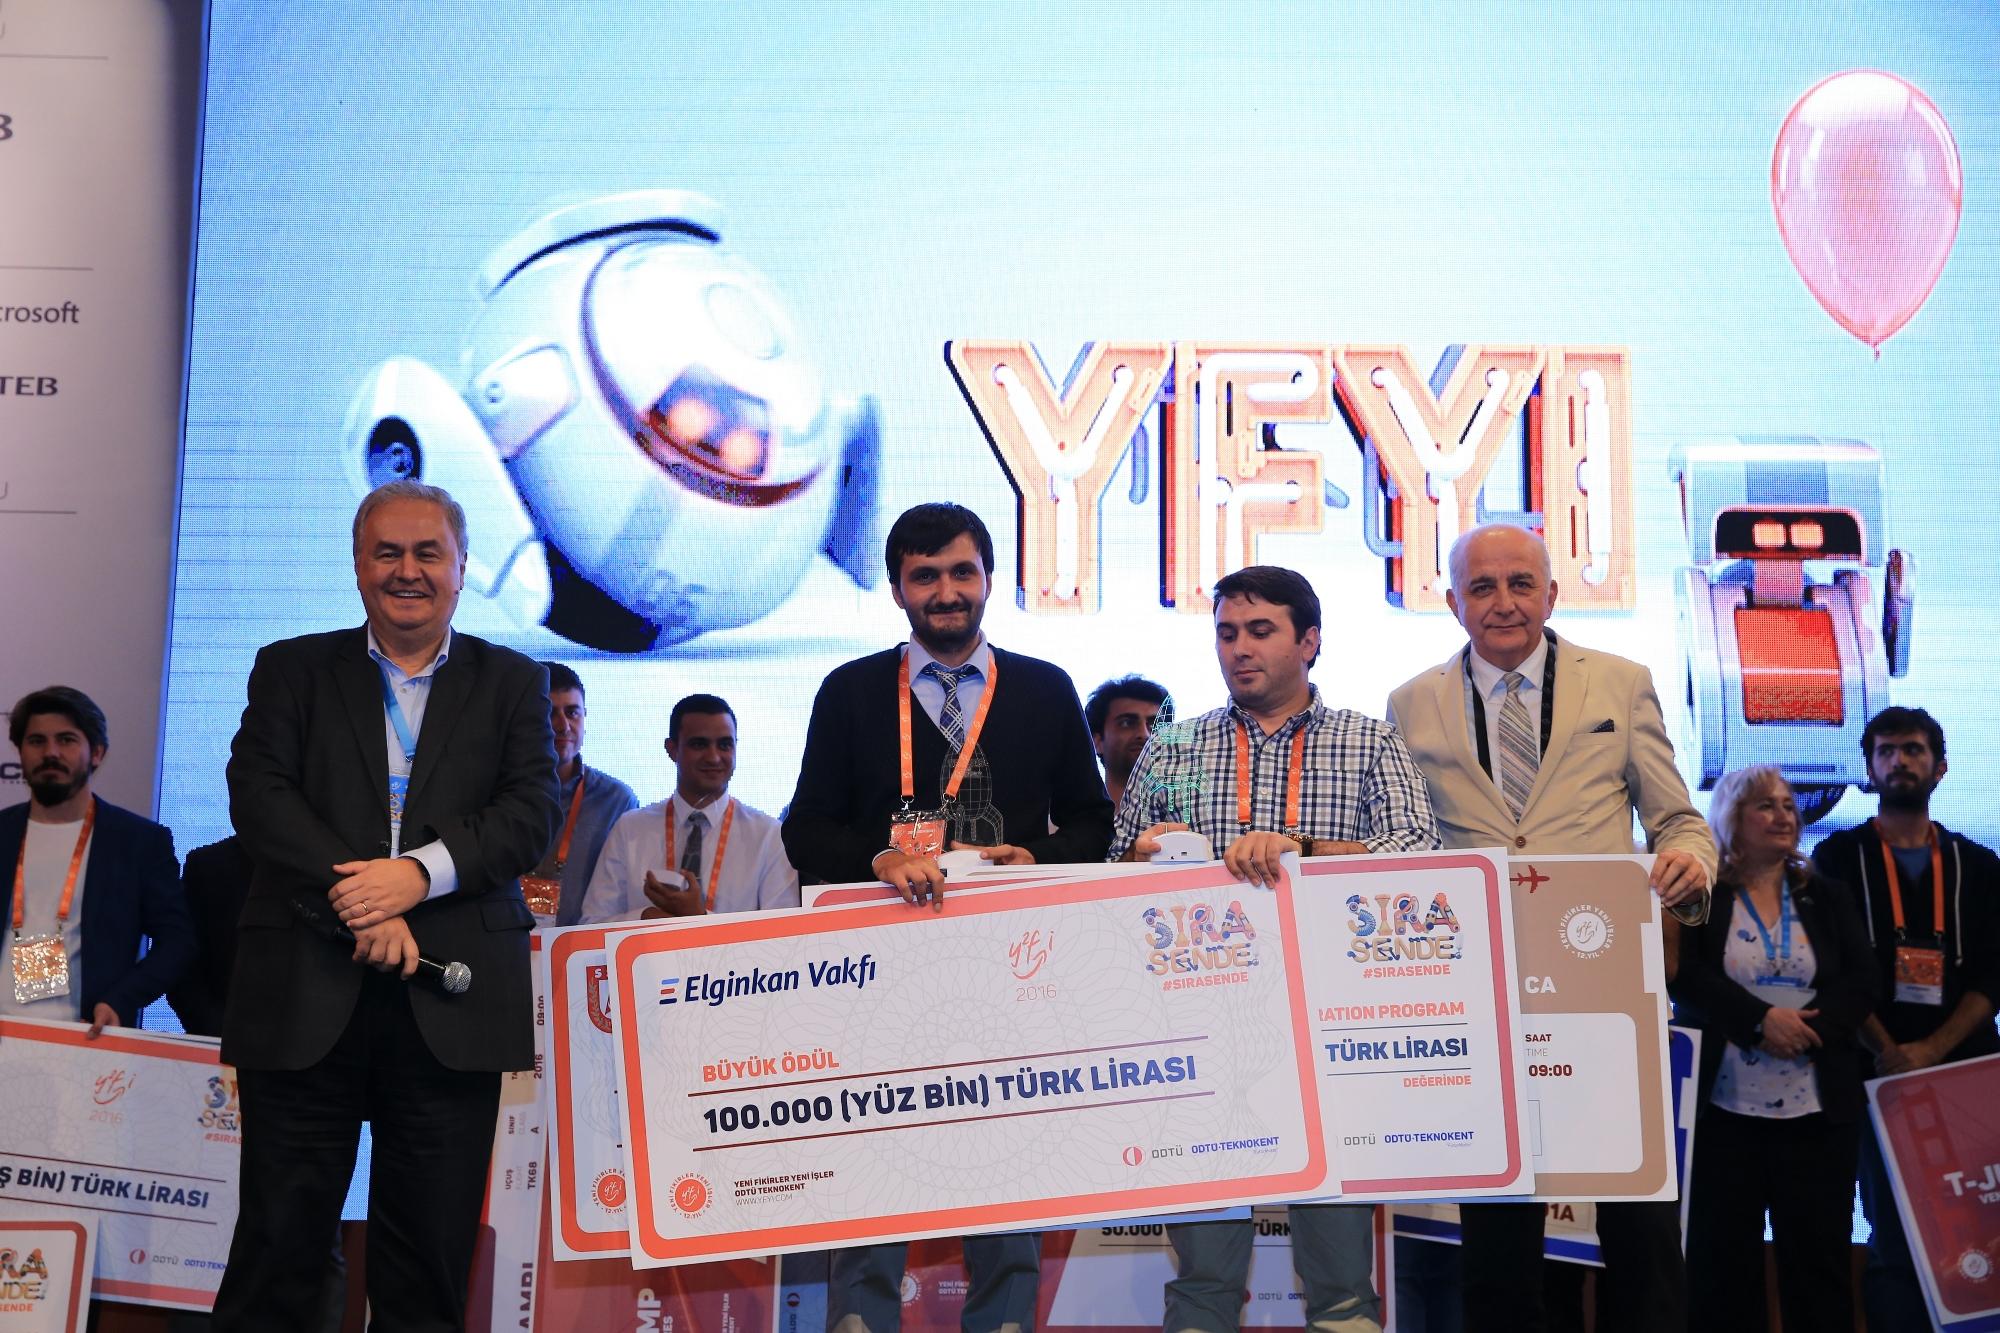 ODTÜ ve ODTÜ TEKNOKENT tarafından bu yıl 13.sü düzenlenen Türkiye'nin  hızlandırma programı Yeni Fikirler Yeni İşler (YFYİ)'de sona yaklaşıldı.